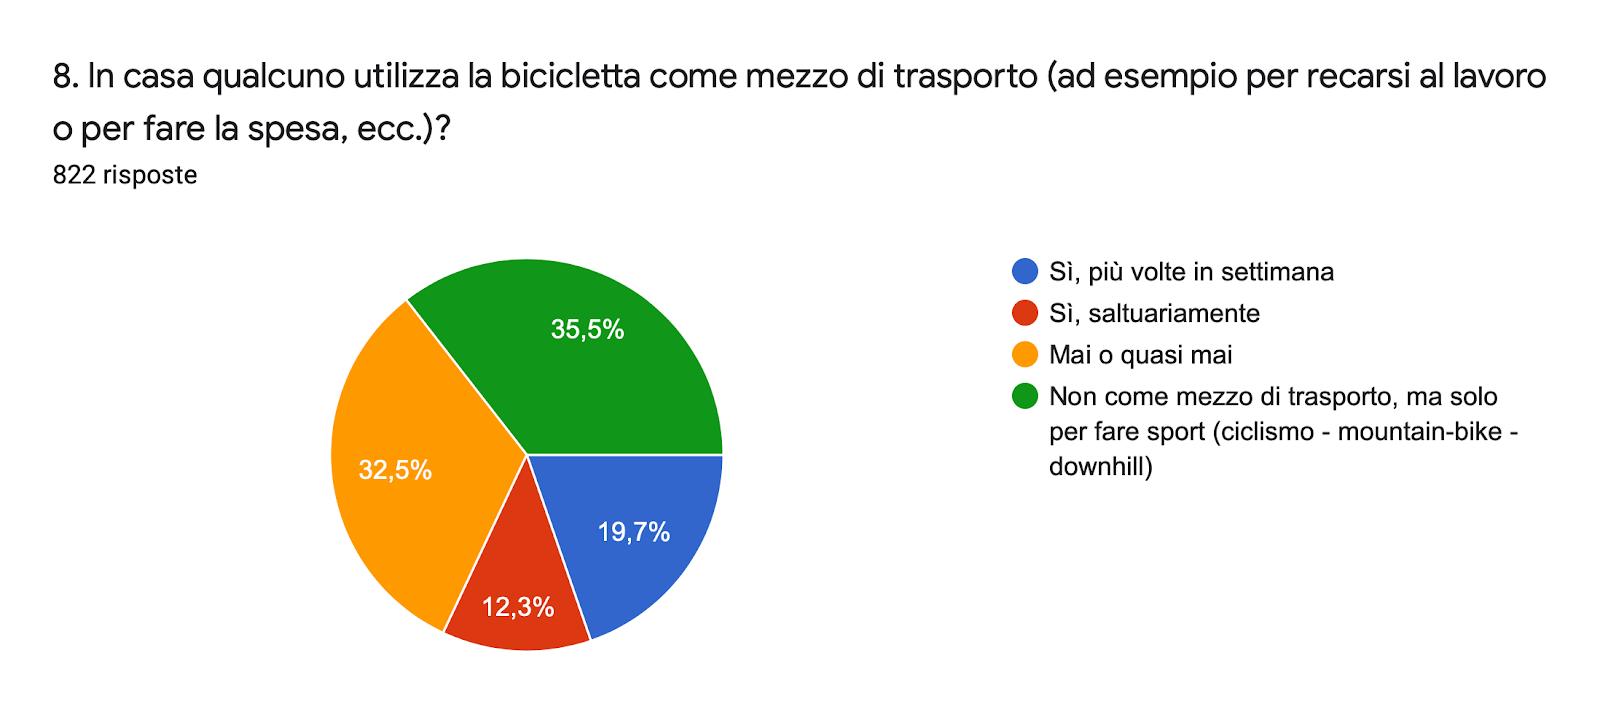 Grafico delle risposte di Moduli. Titolo della domanda: 8. In casa qualcuno utilizza la bicicletta come mezzo di trasporto (ad esempio per recarsi al lavoro o per fare la spesa, ecc.)?. Numero di risposte: 822 risposte.